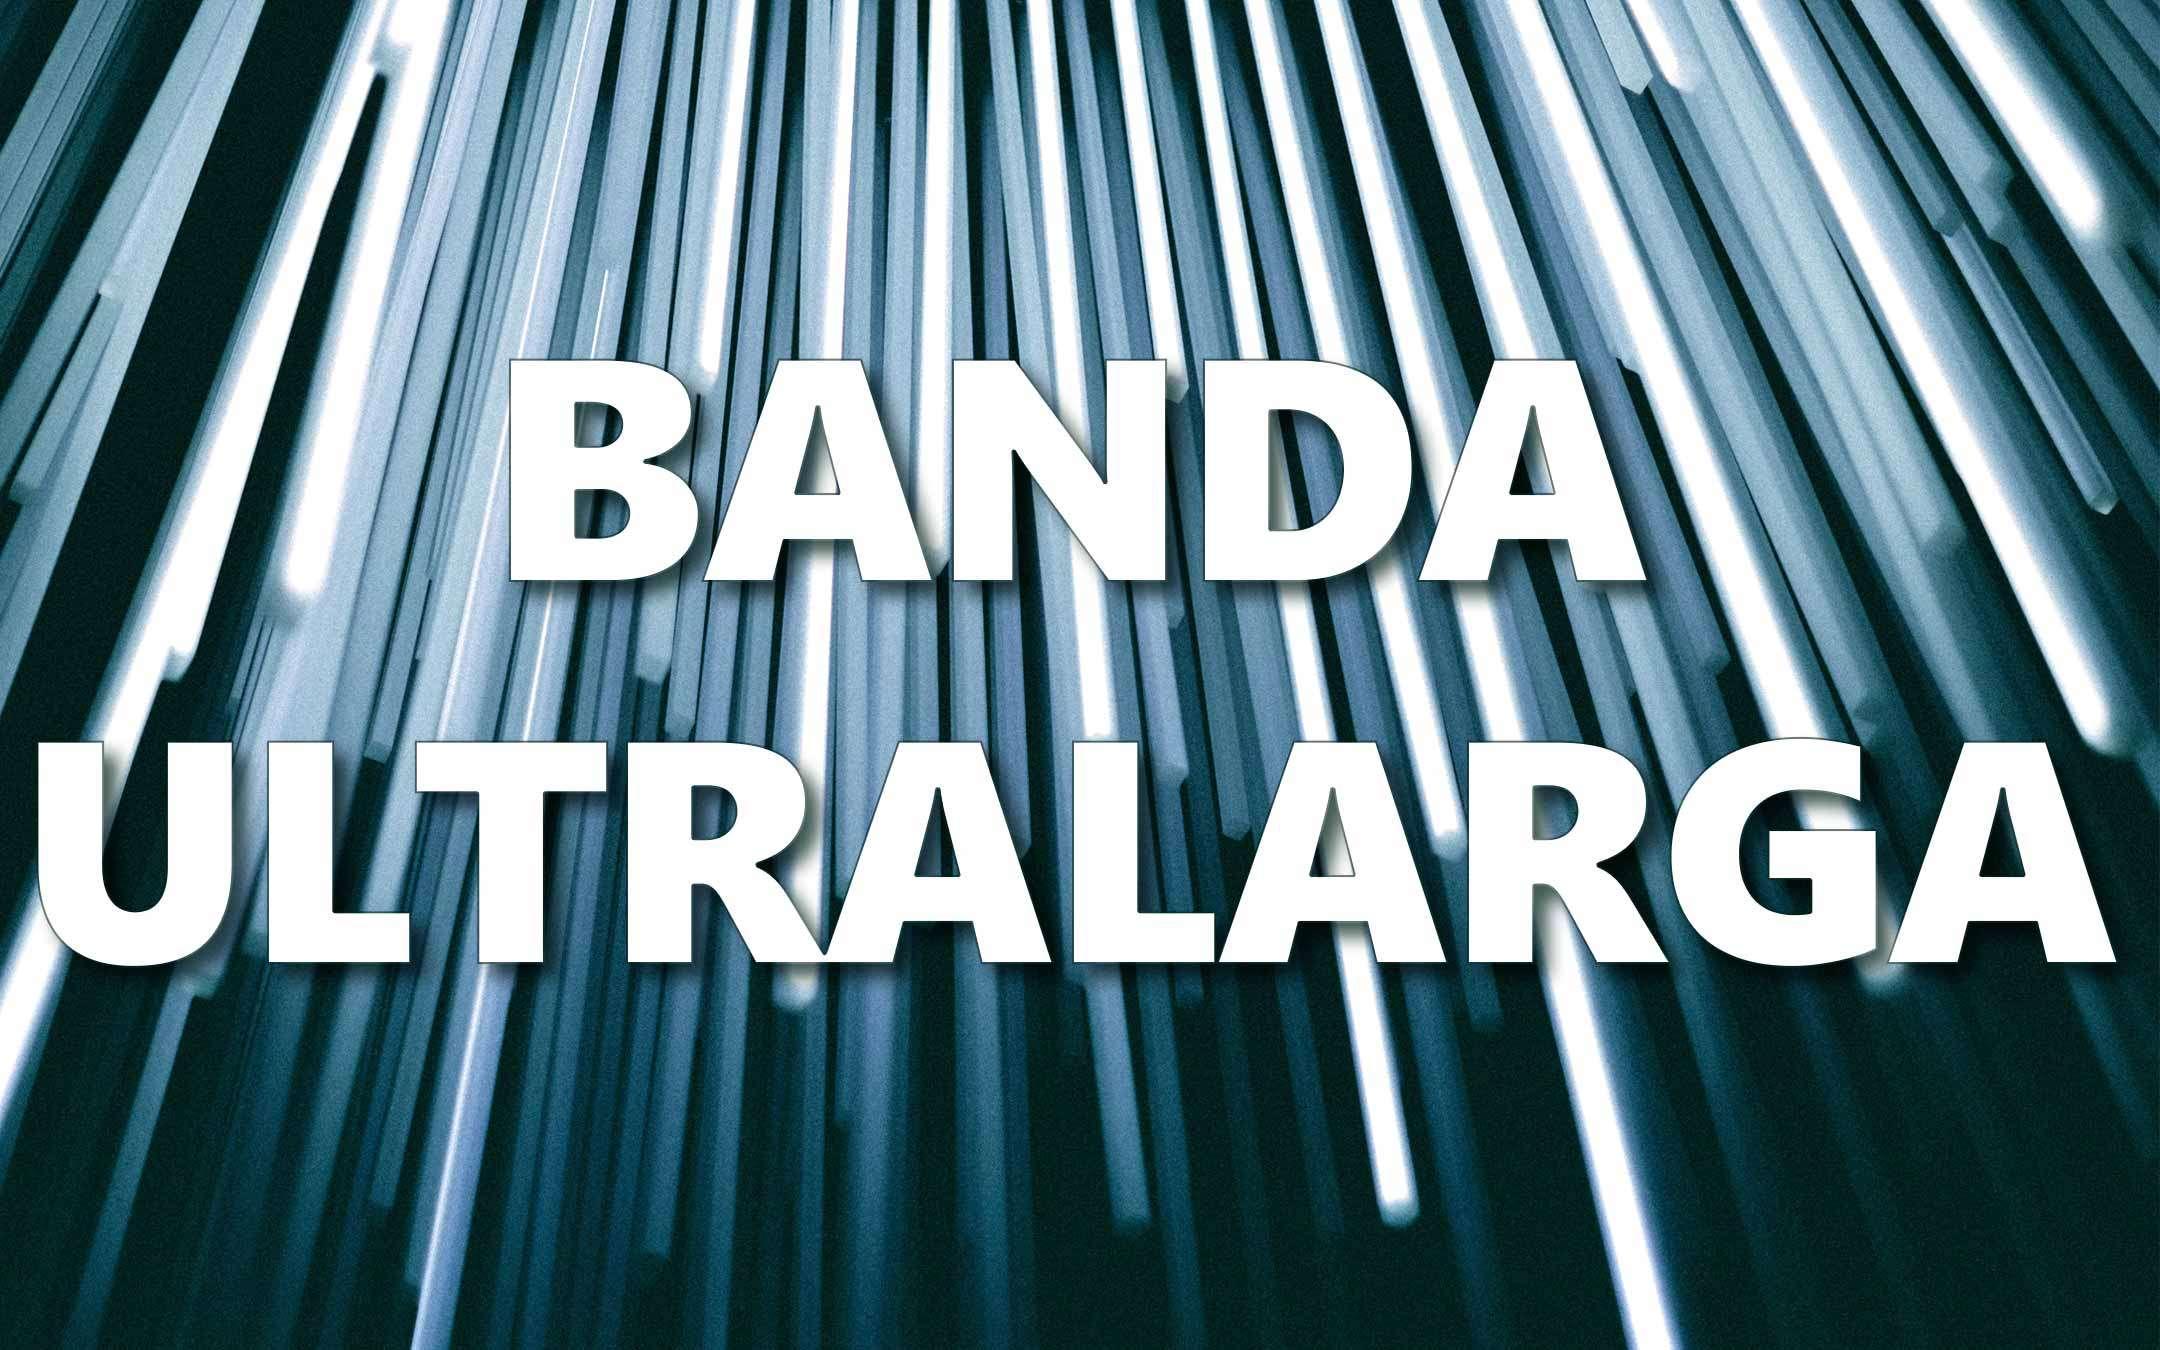 Banda Ultralarga